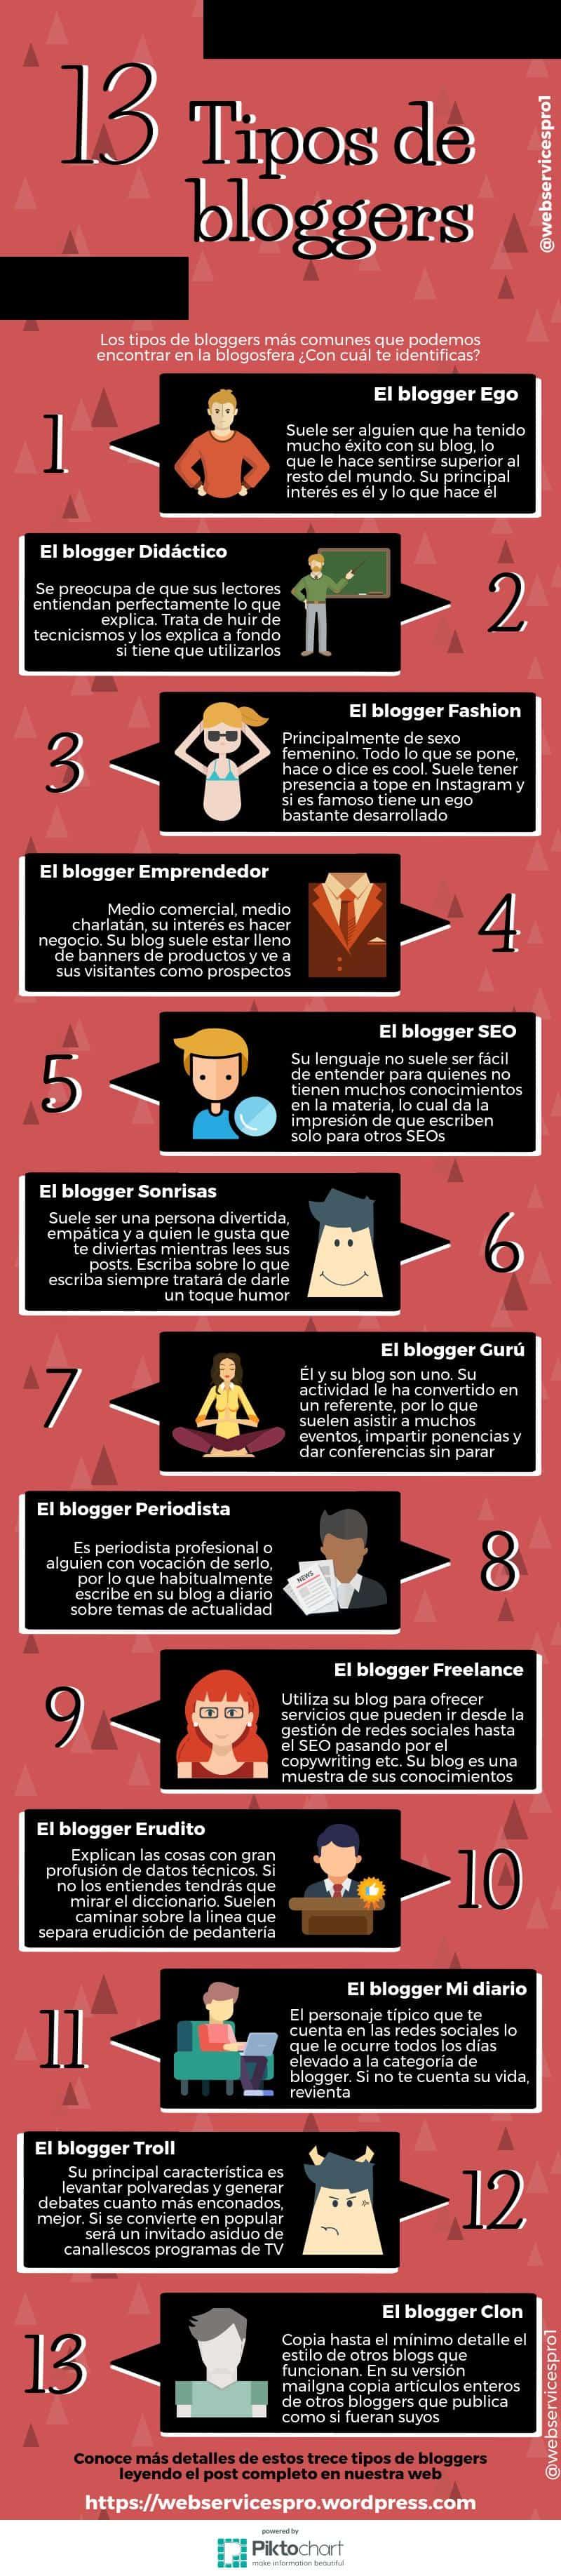 13 tipos de Bloggers